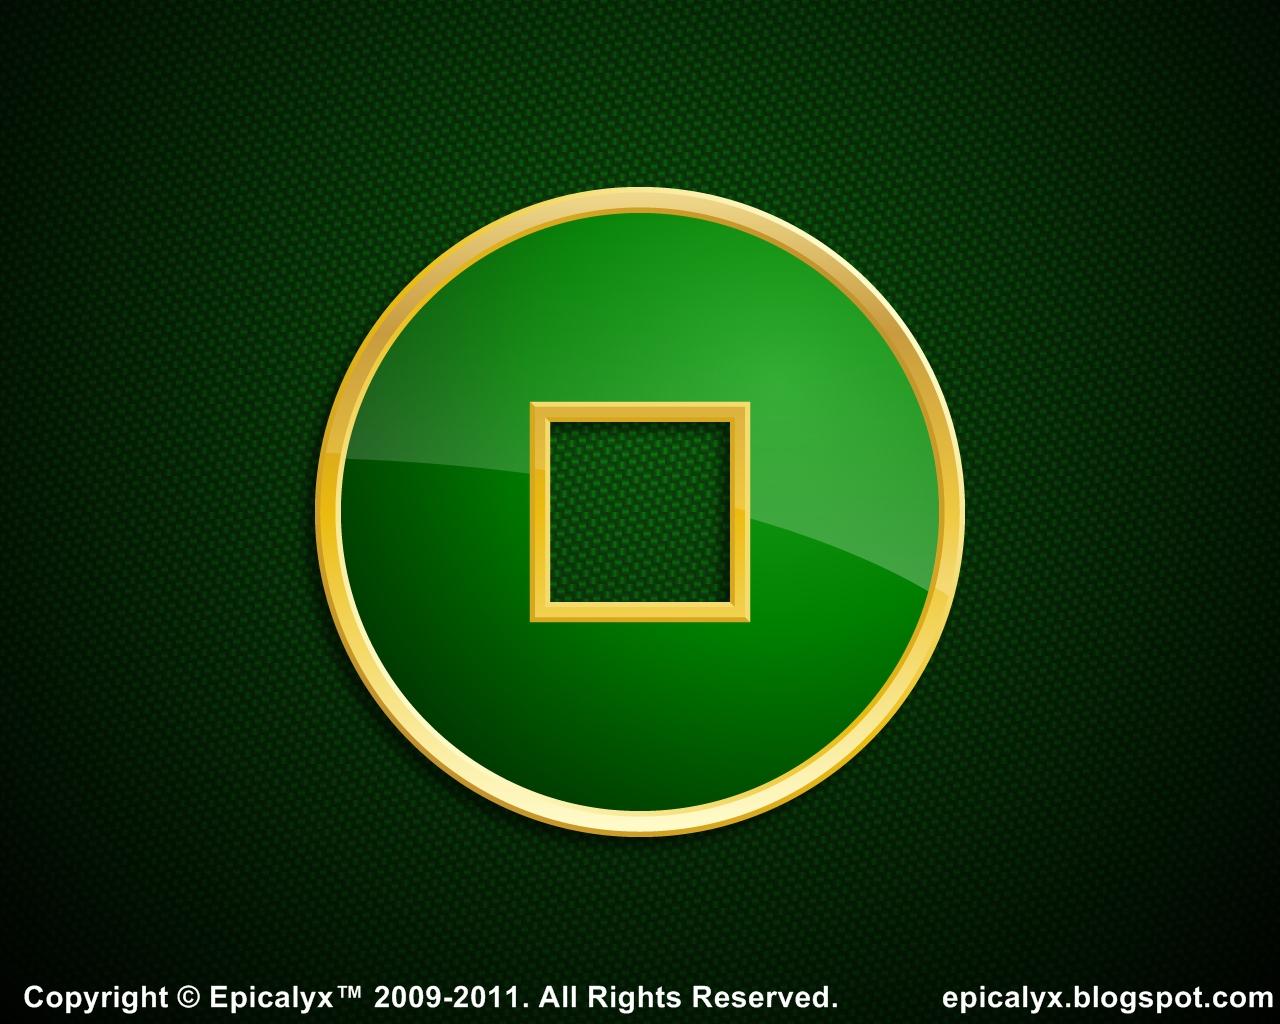 http://3.bp.blogspot.com/-HbBfq0Qj1x0/TsDP6cBXRvI/AAAAAAAAAJw/YvnIlcesdcA/s1600/Avatar+Earth+Kingdom+Wallpaper.jpg